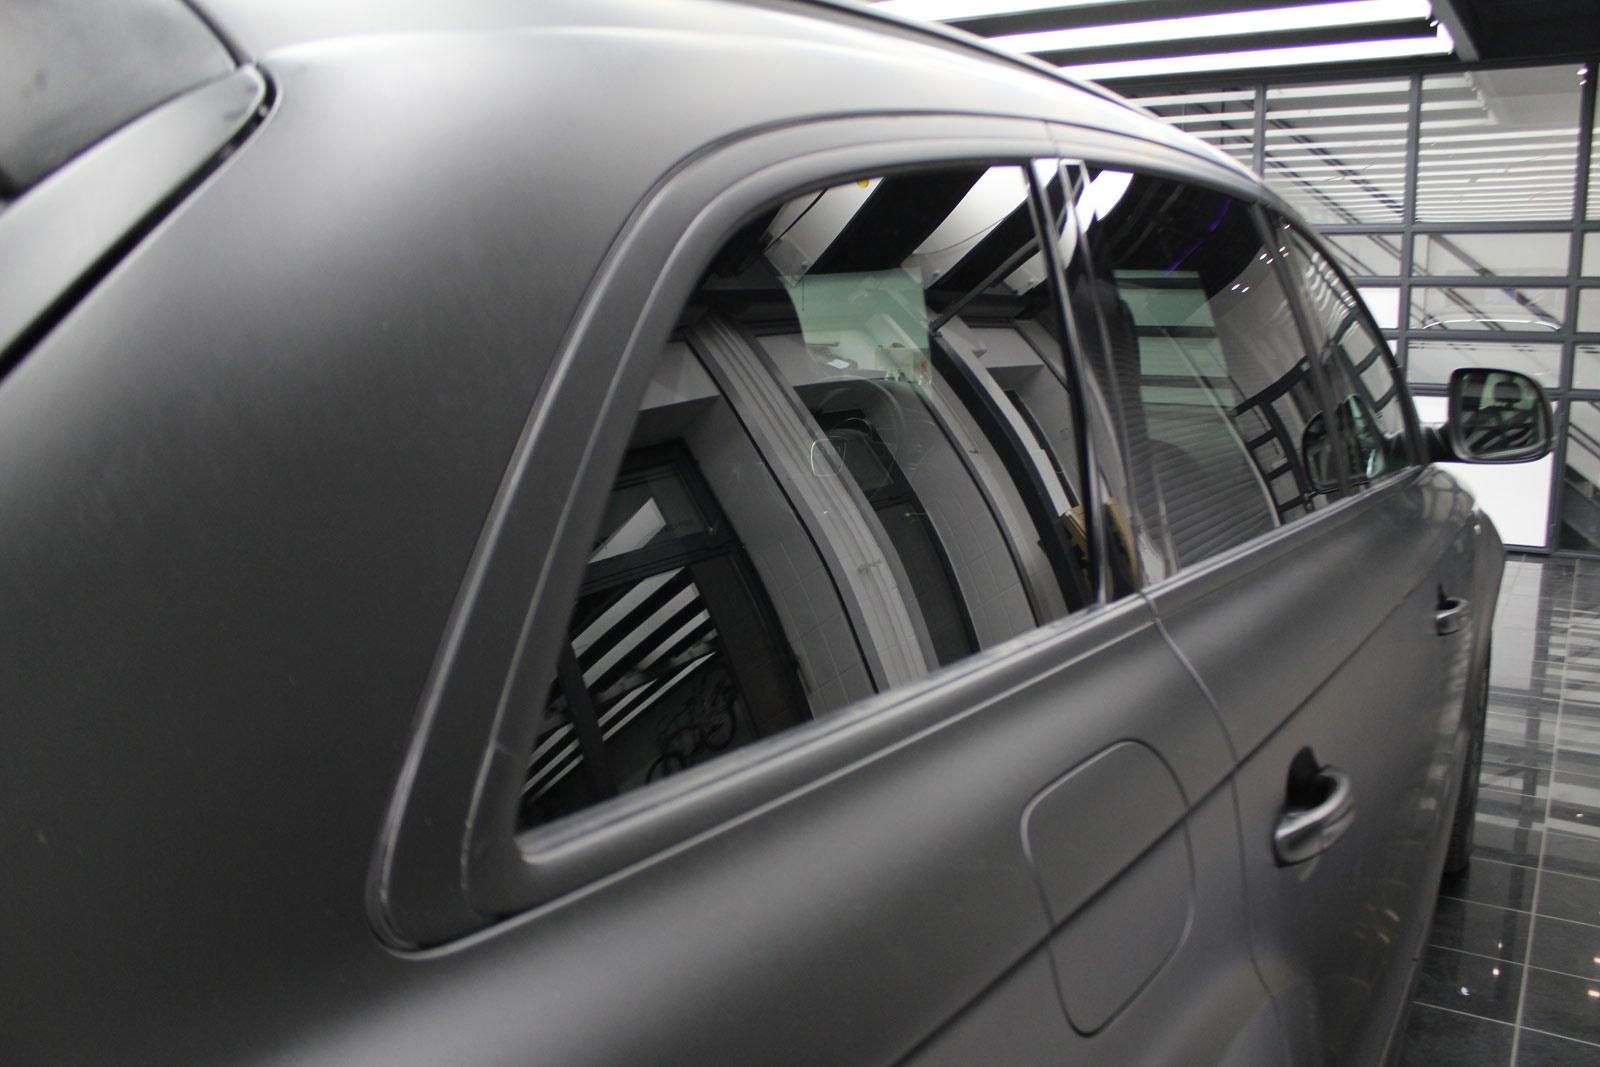 Audi_Q7_Folierung_Schwarz_Matt_28